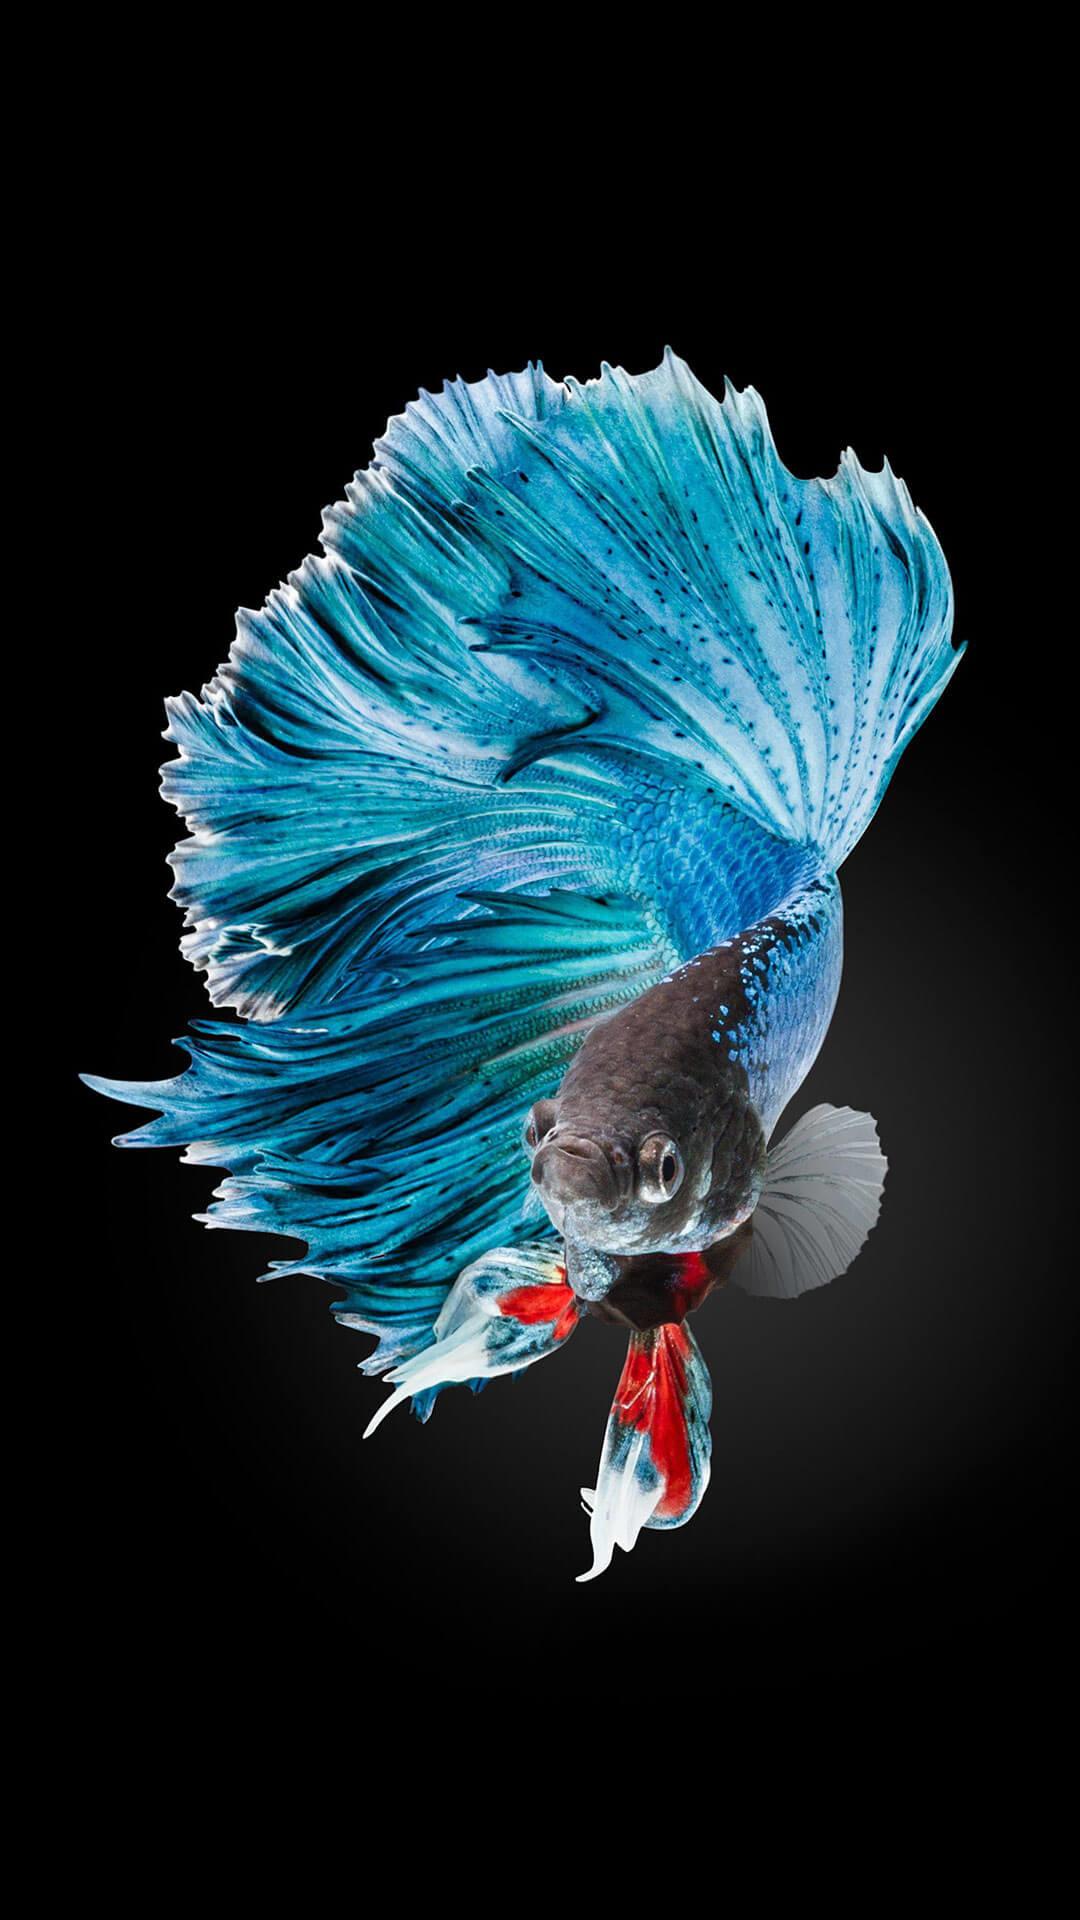 Full HD p Fish Wallpapers HD Desktop Backgrounds x | HD Wallpapers |  Pinterest | Fish wallpaper, Wallpaper and Wallpaper backgrounds